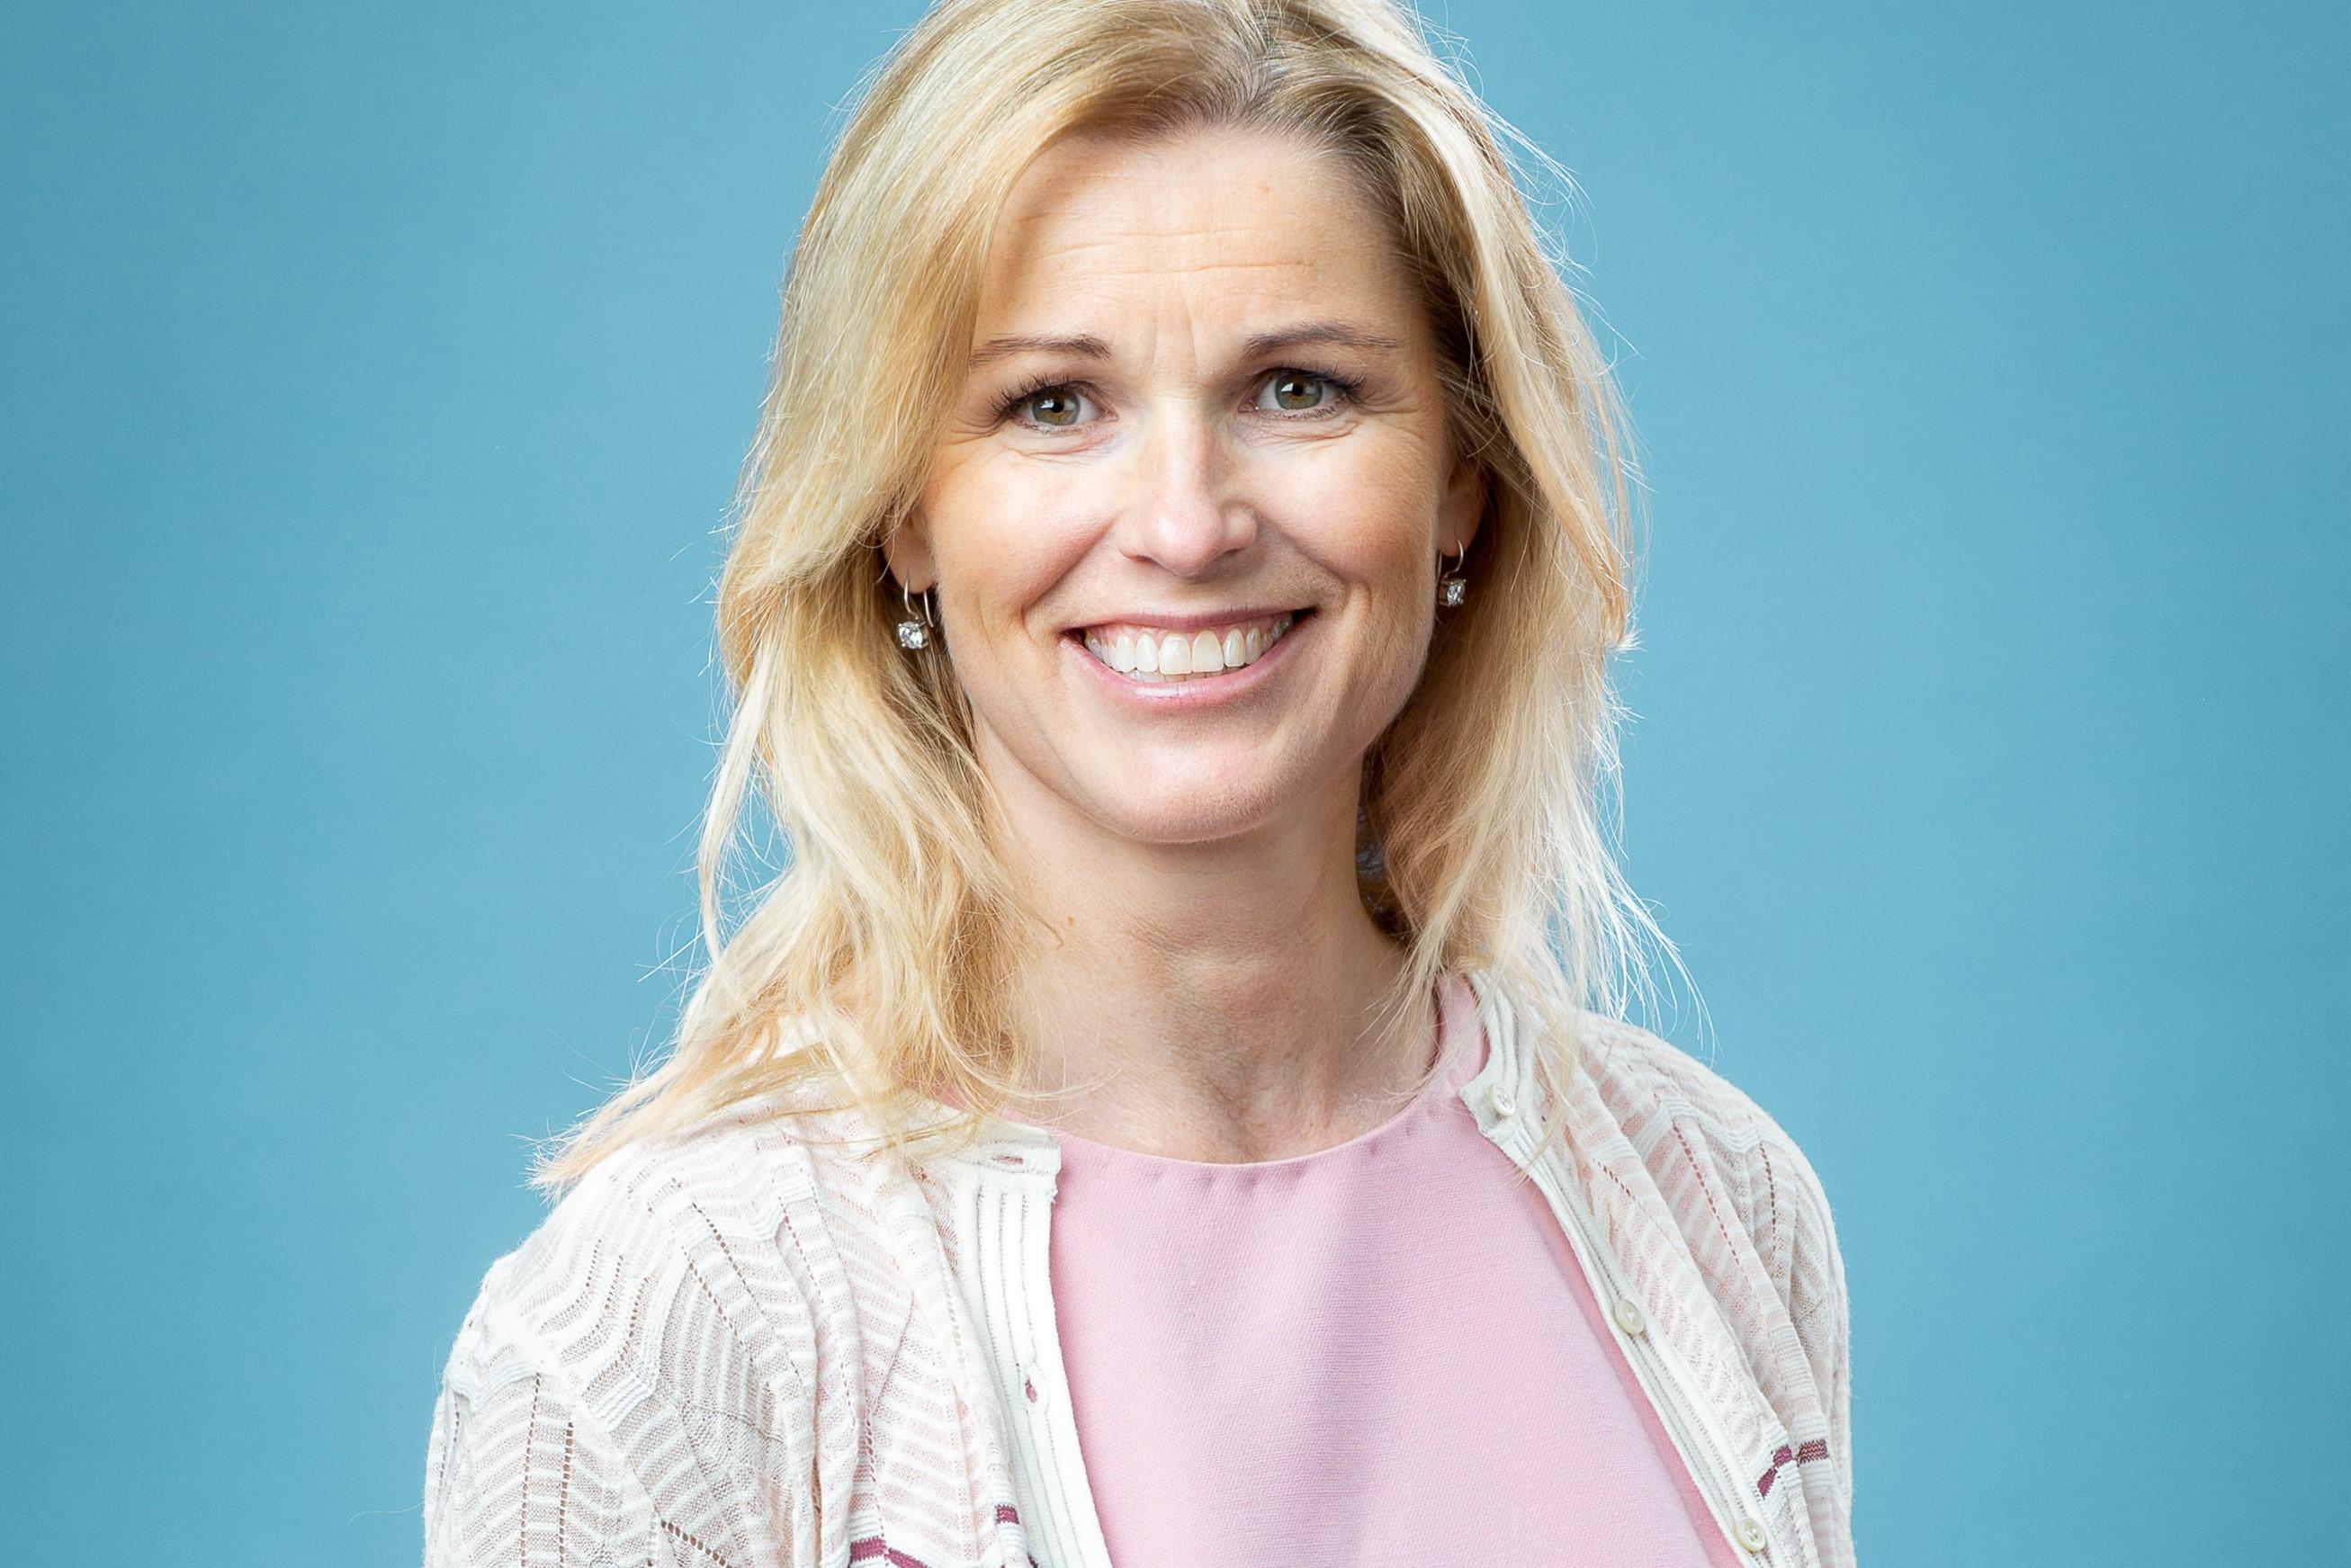 Yvonne Nordlind är ny chef för Barncancerfondens verksamhet som ger råd och stöd till familjer som drabbats av barncancer. Foto: Magnus Glans